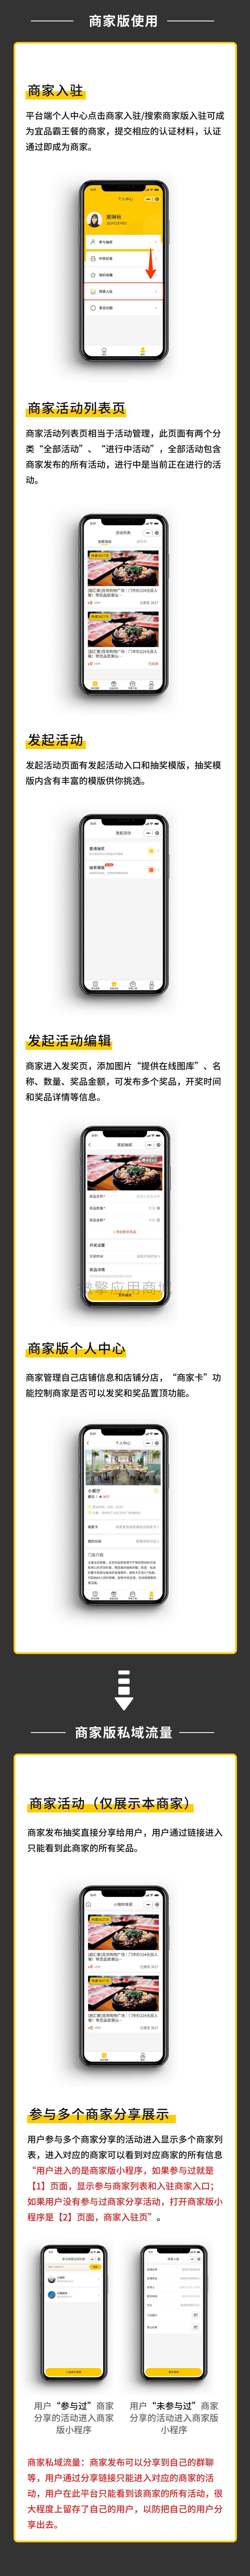 宜品霸王餐-详情页-5.png